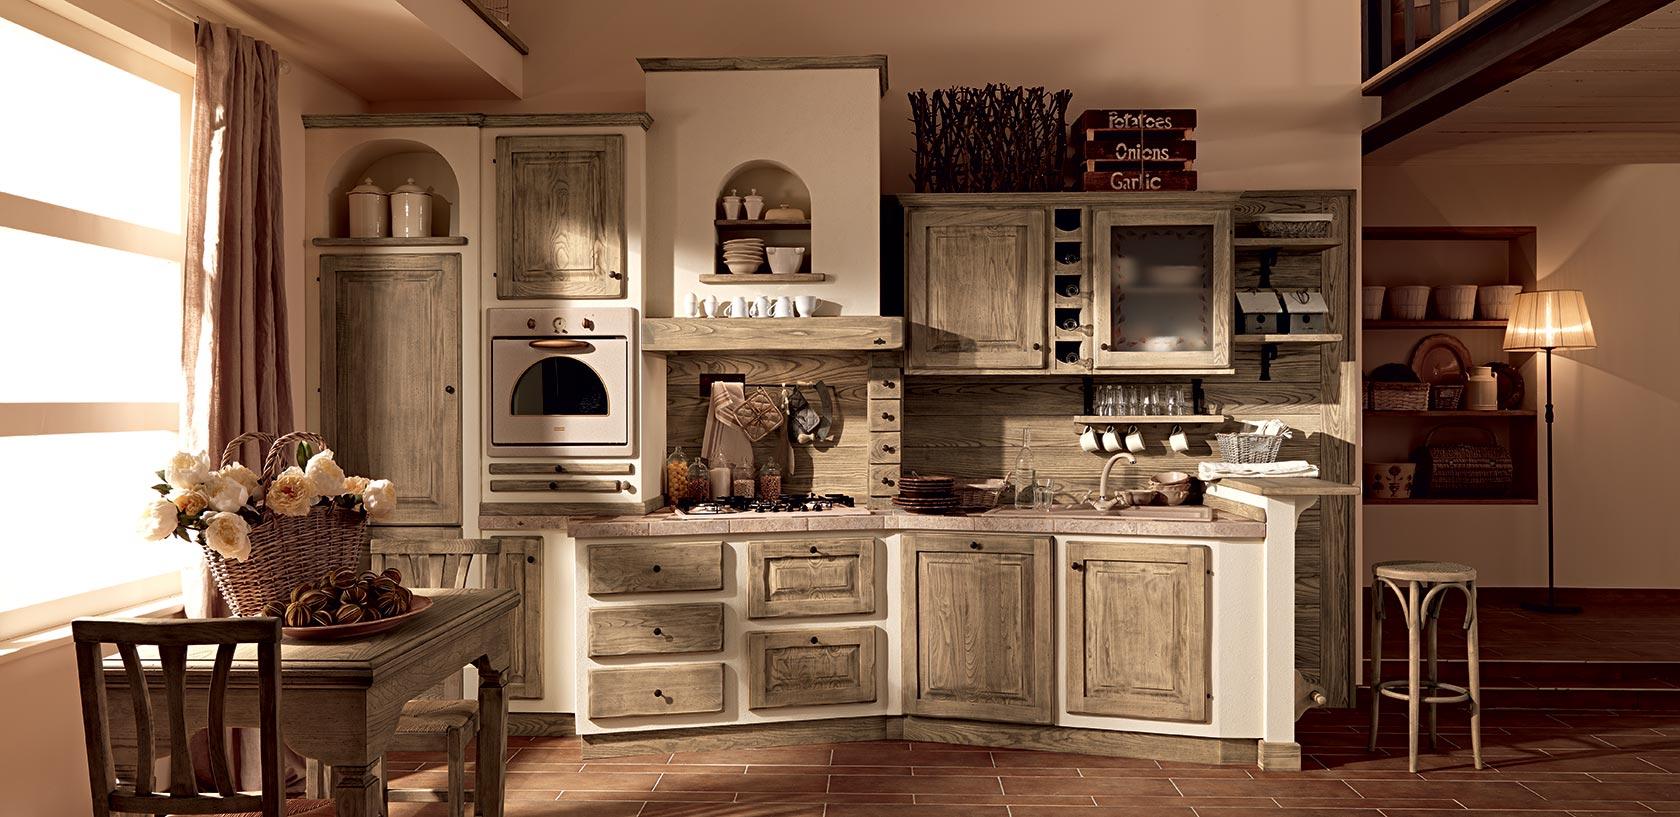 Estremamente Emejing Cucine In Legno Rustiche Ideas - Ideas & Design 2017  XJ41